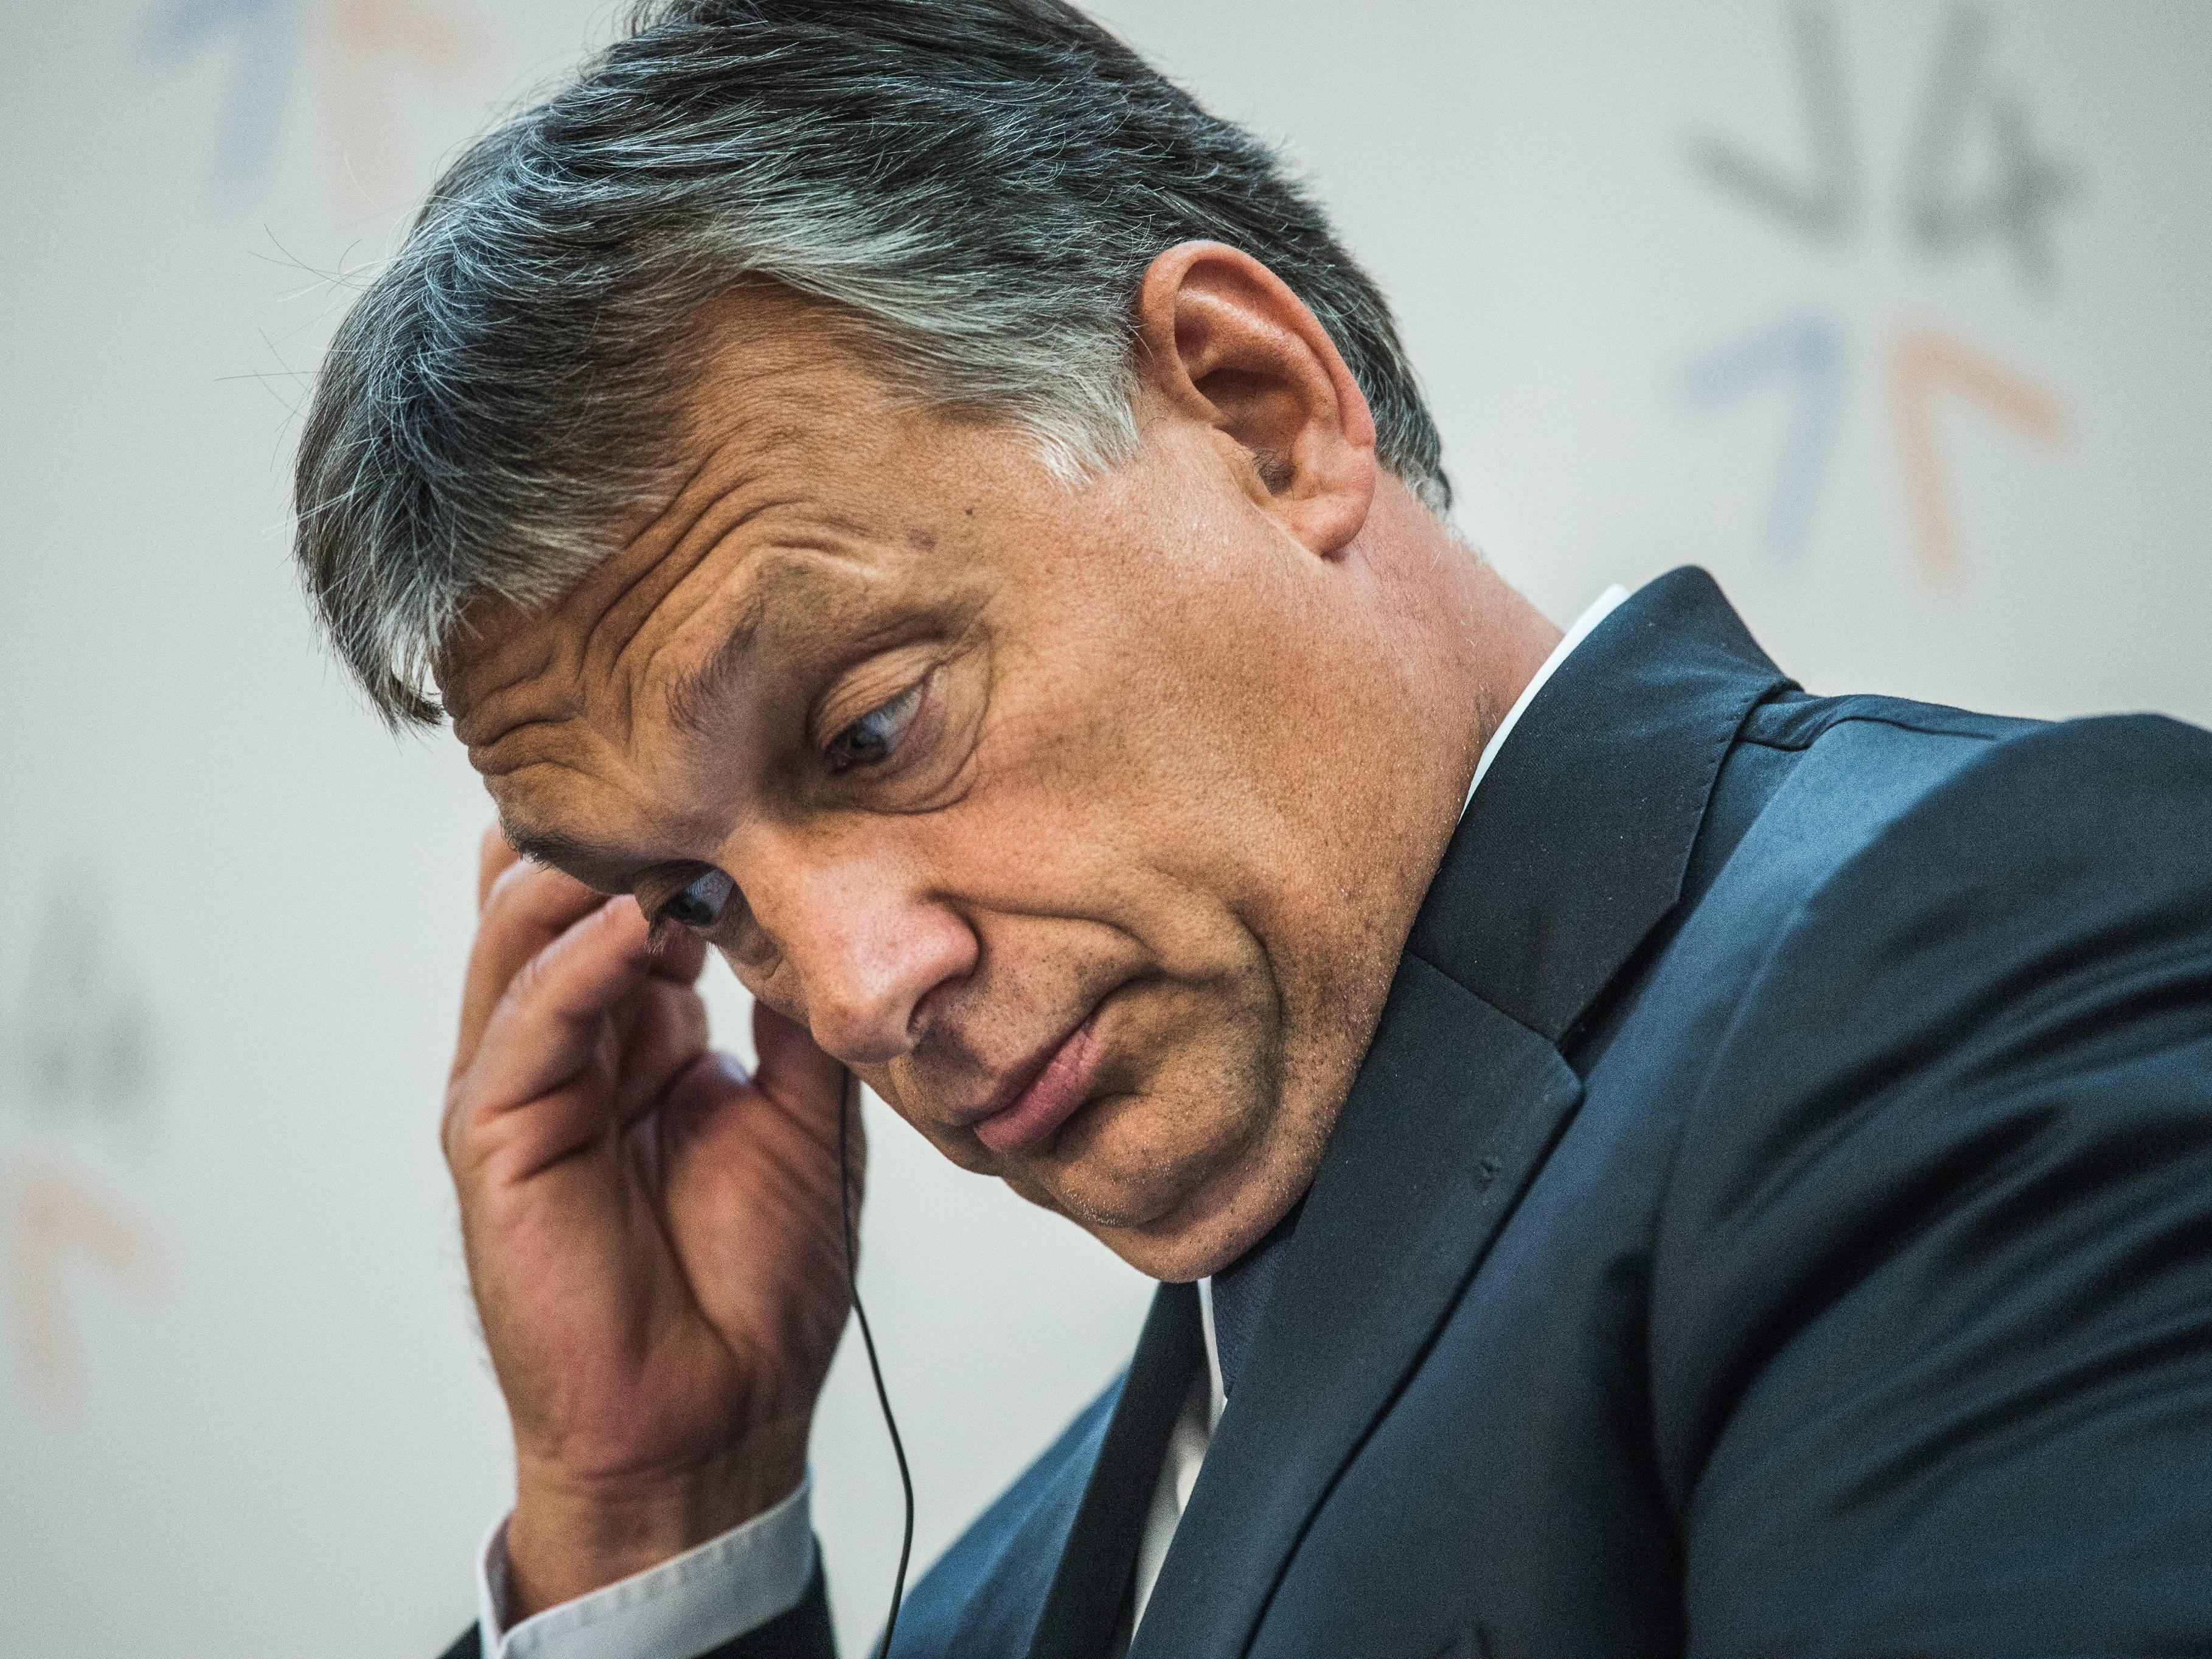 Außenminister: Ungarn wird Schengen- und Dublin-Regeln einhalten - Flüchtlinge alle registriert.